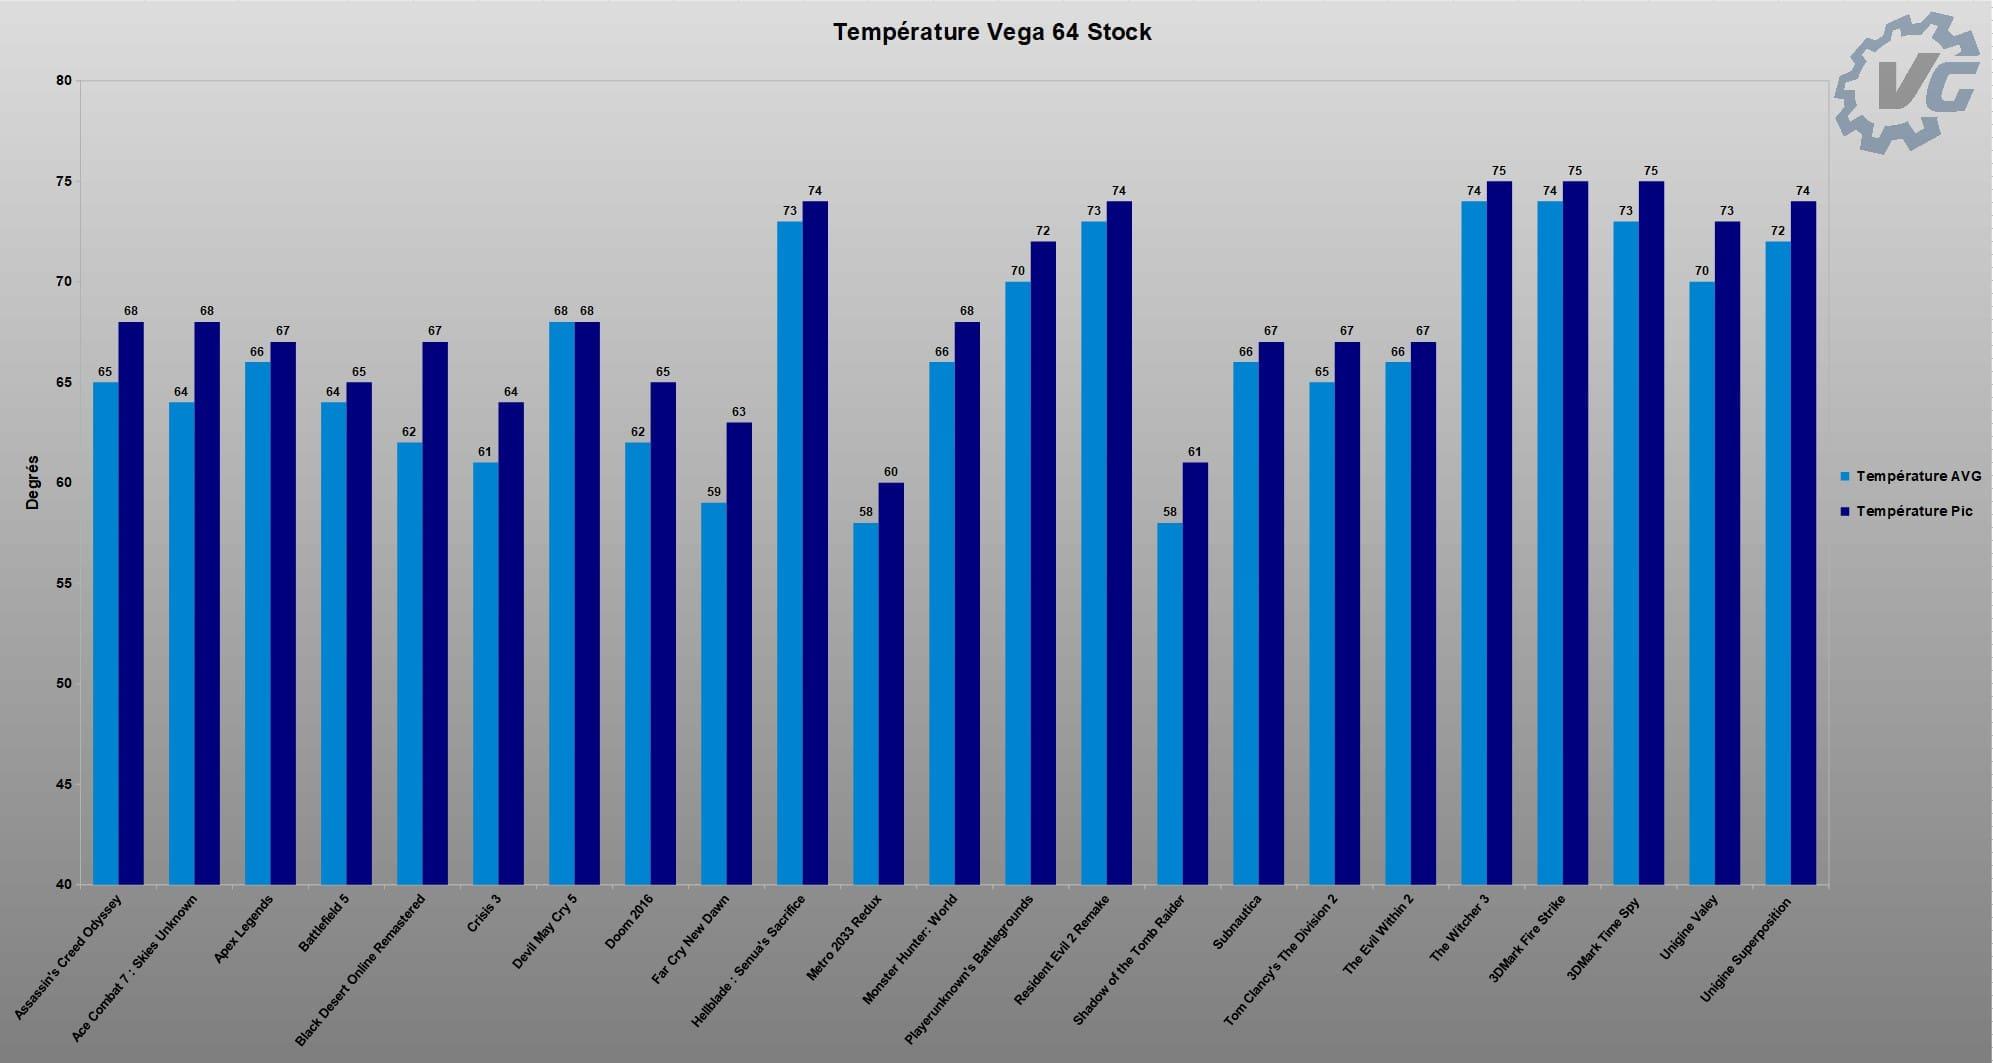 Graphique Température Vega 64 Stock